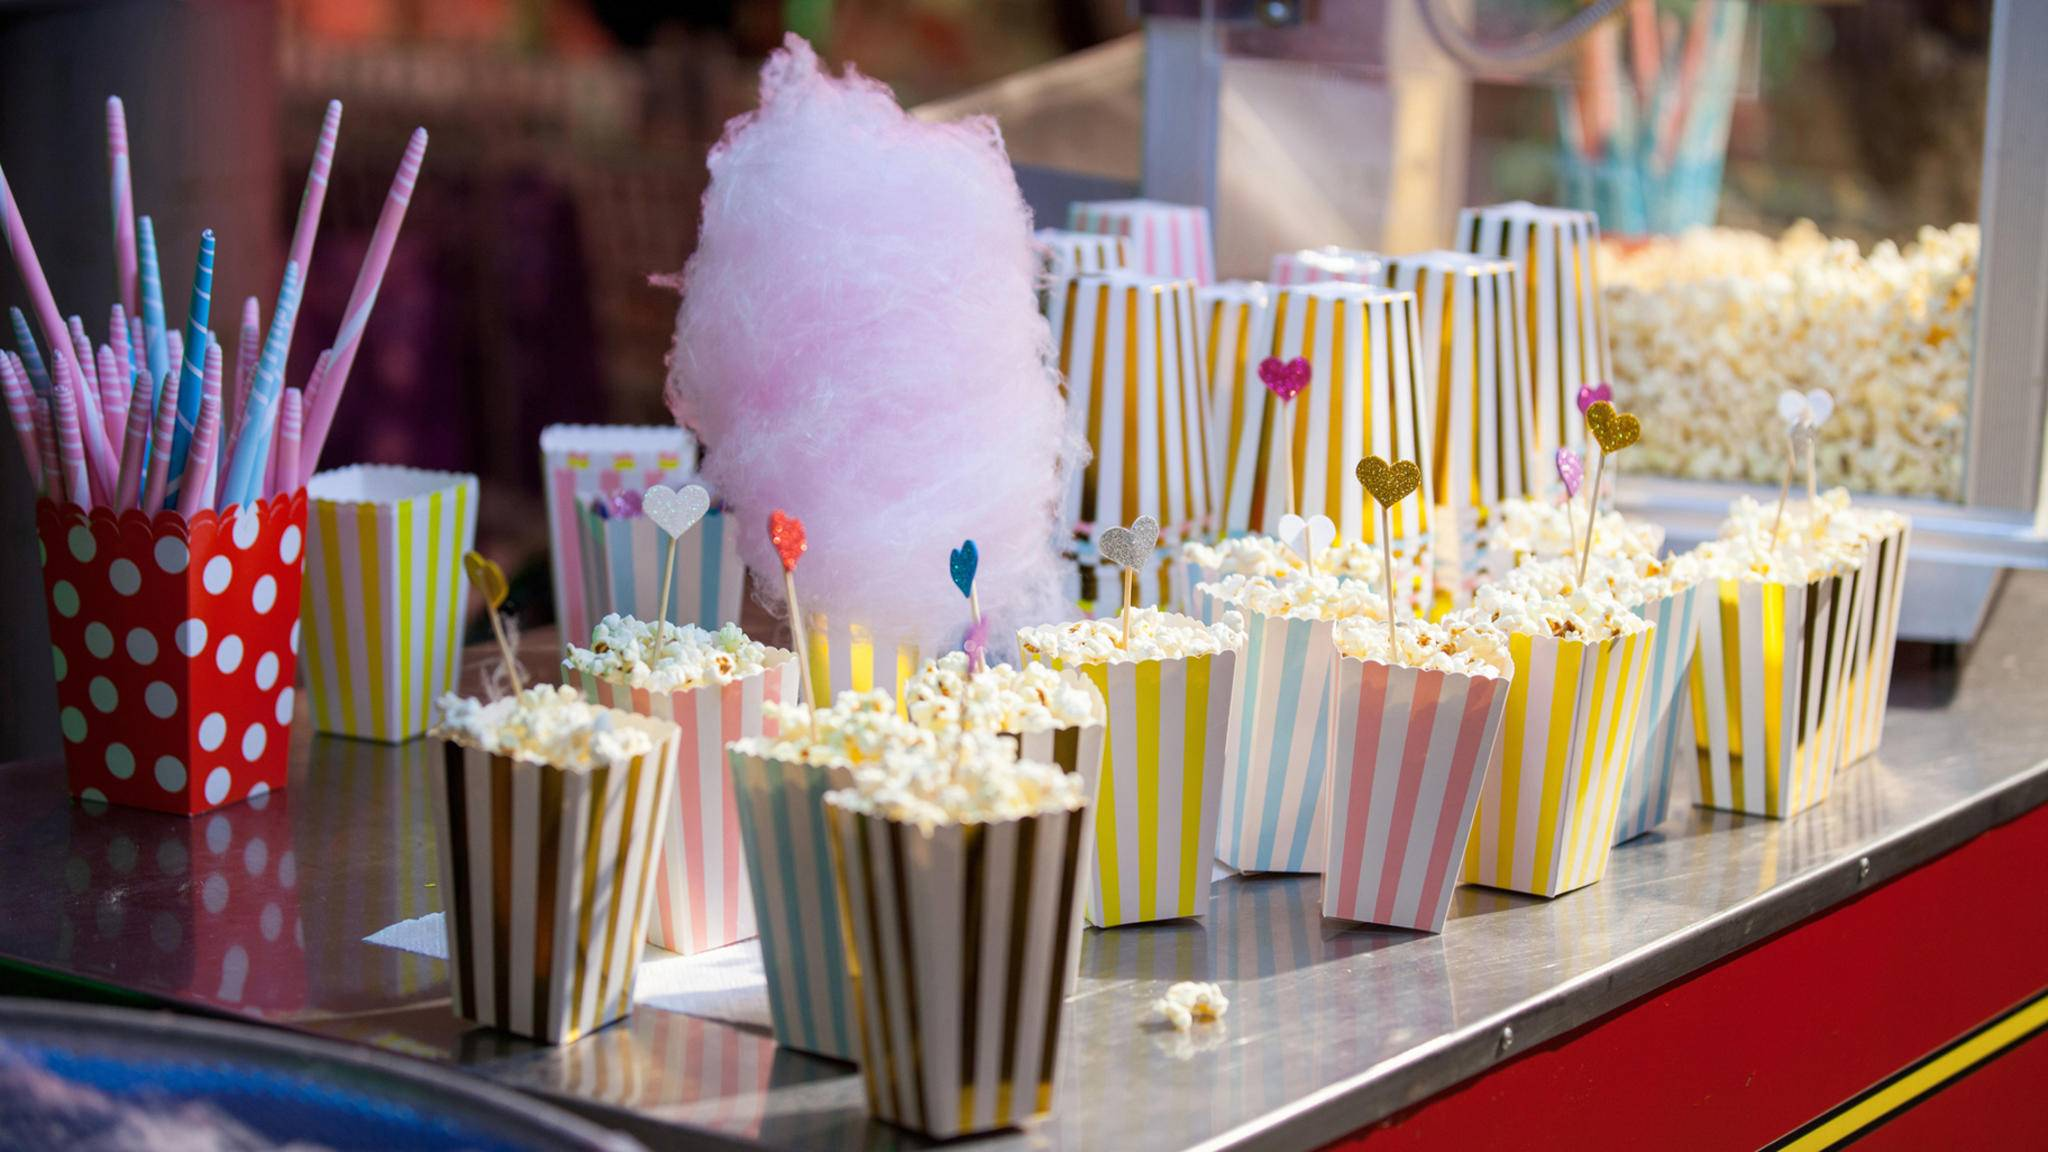 Lecker schmecker! Auf Volksfesten locken viele süße bis salzige Snacks.